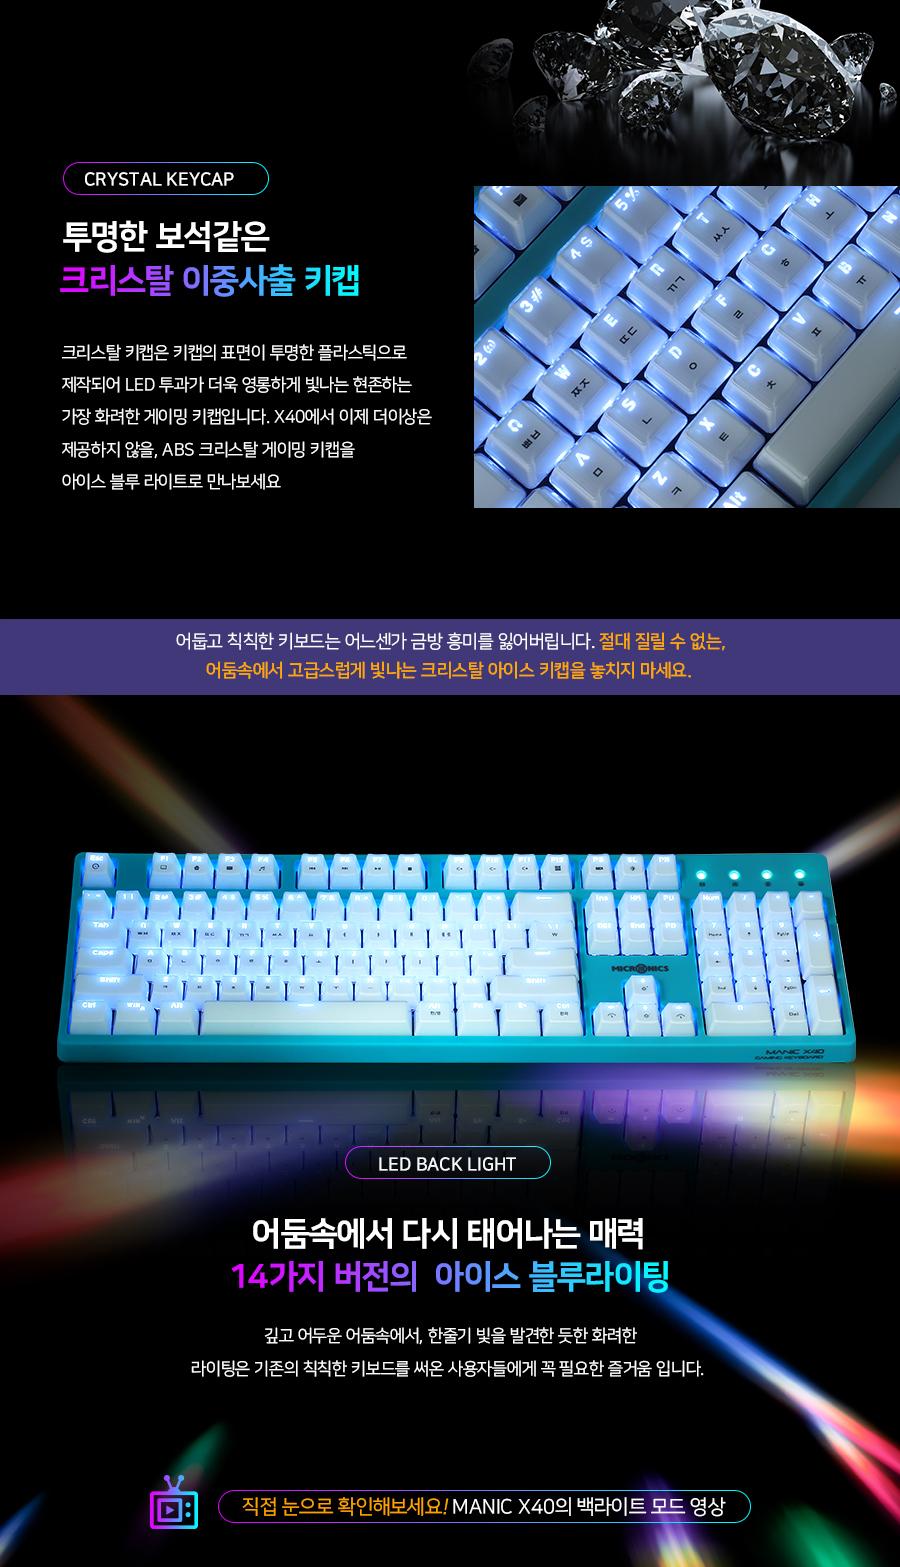 마이크로닉스 MANIC X40 크리스탈 4세대 광축